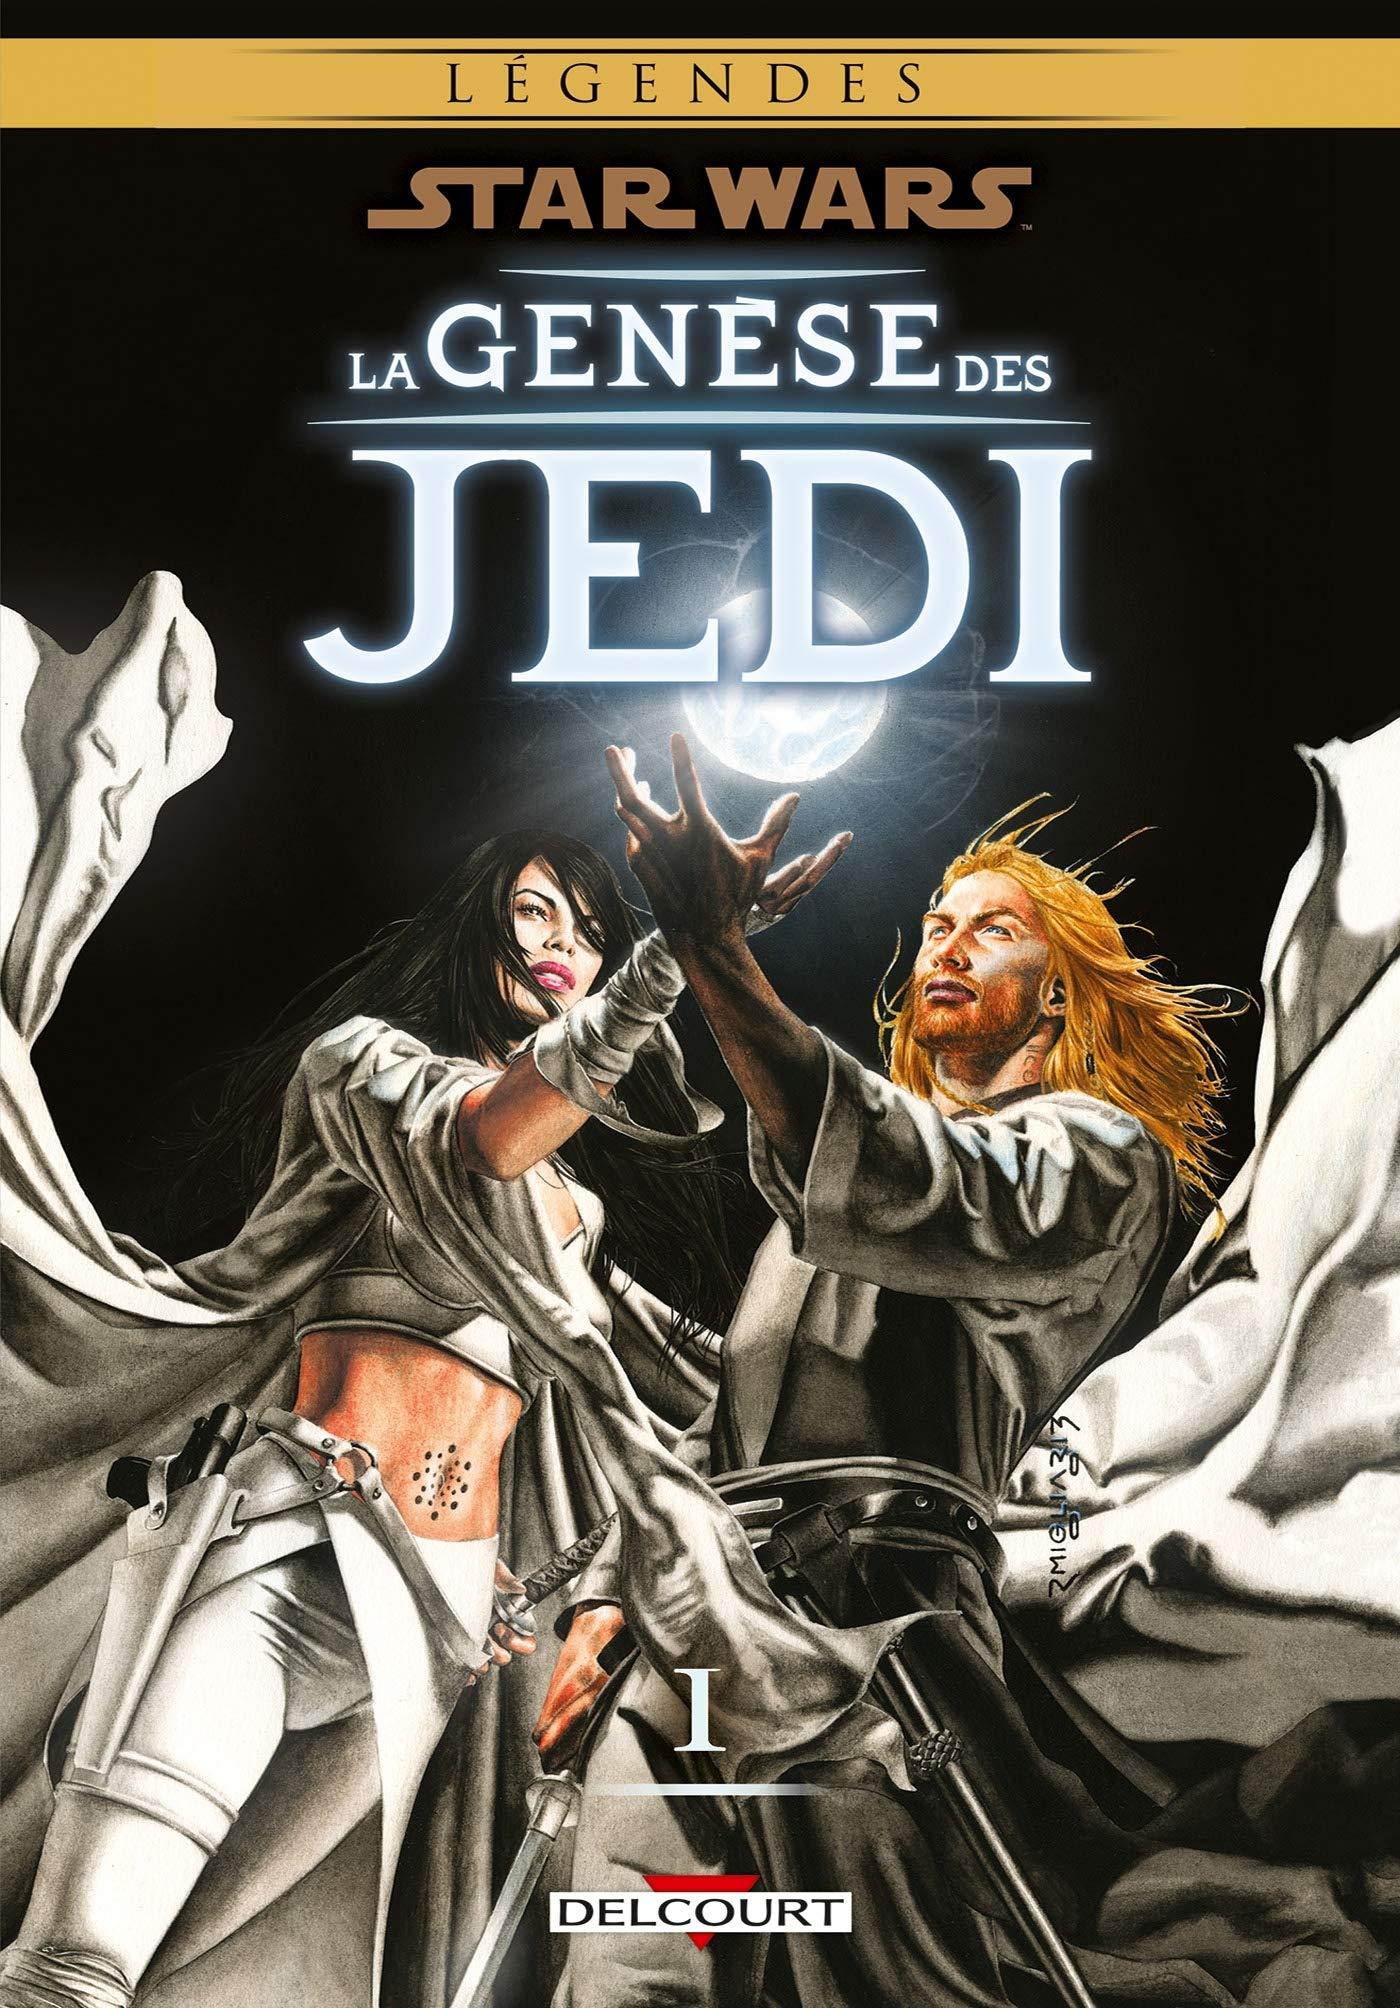 Star wars - La genèse des Jedi 1